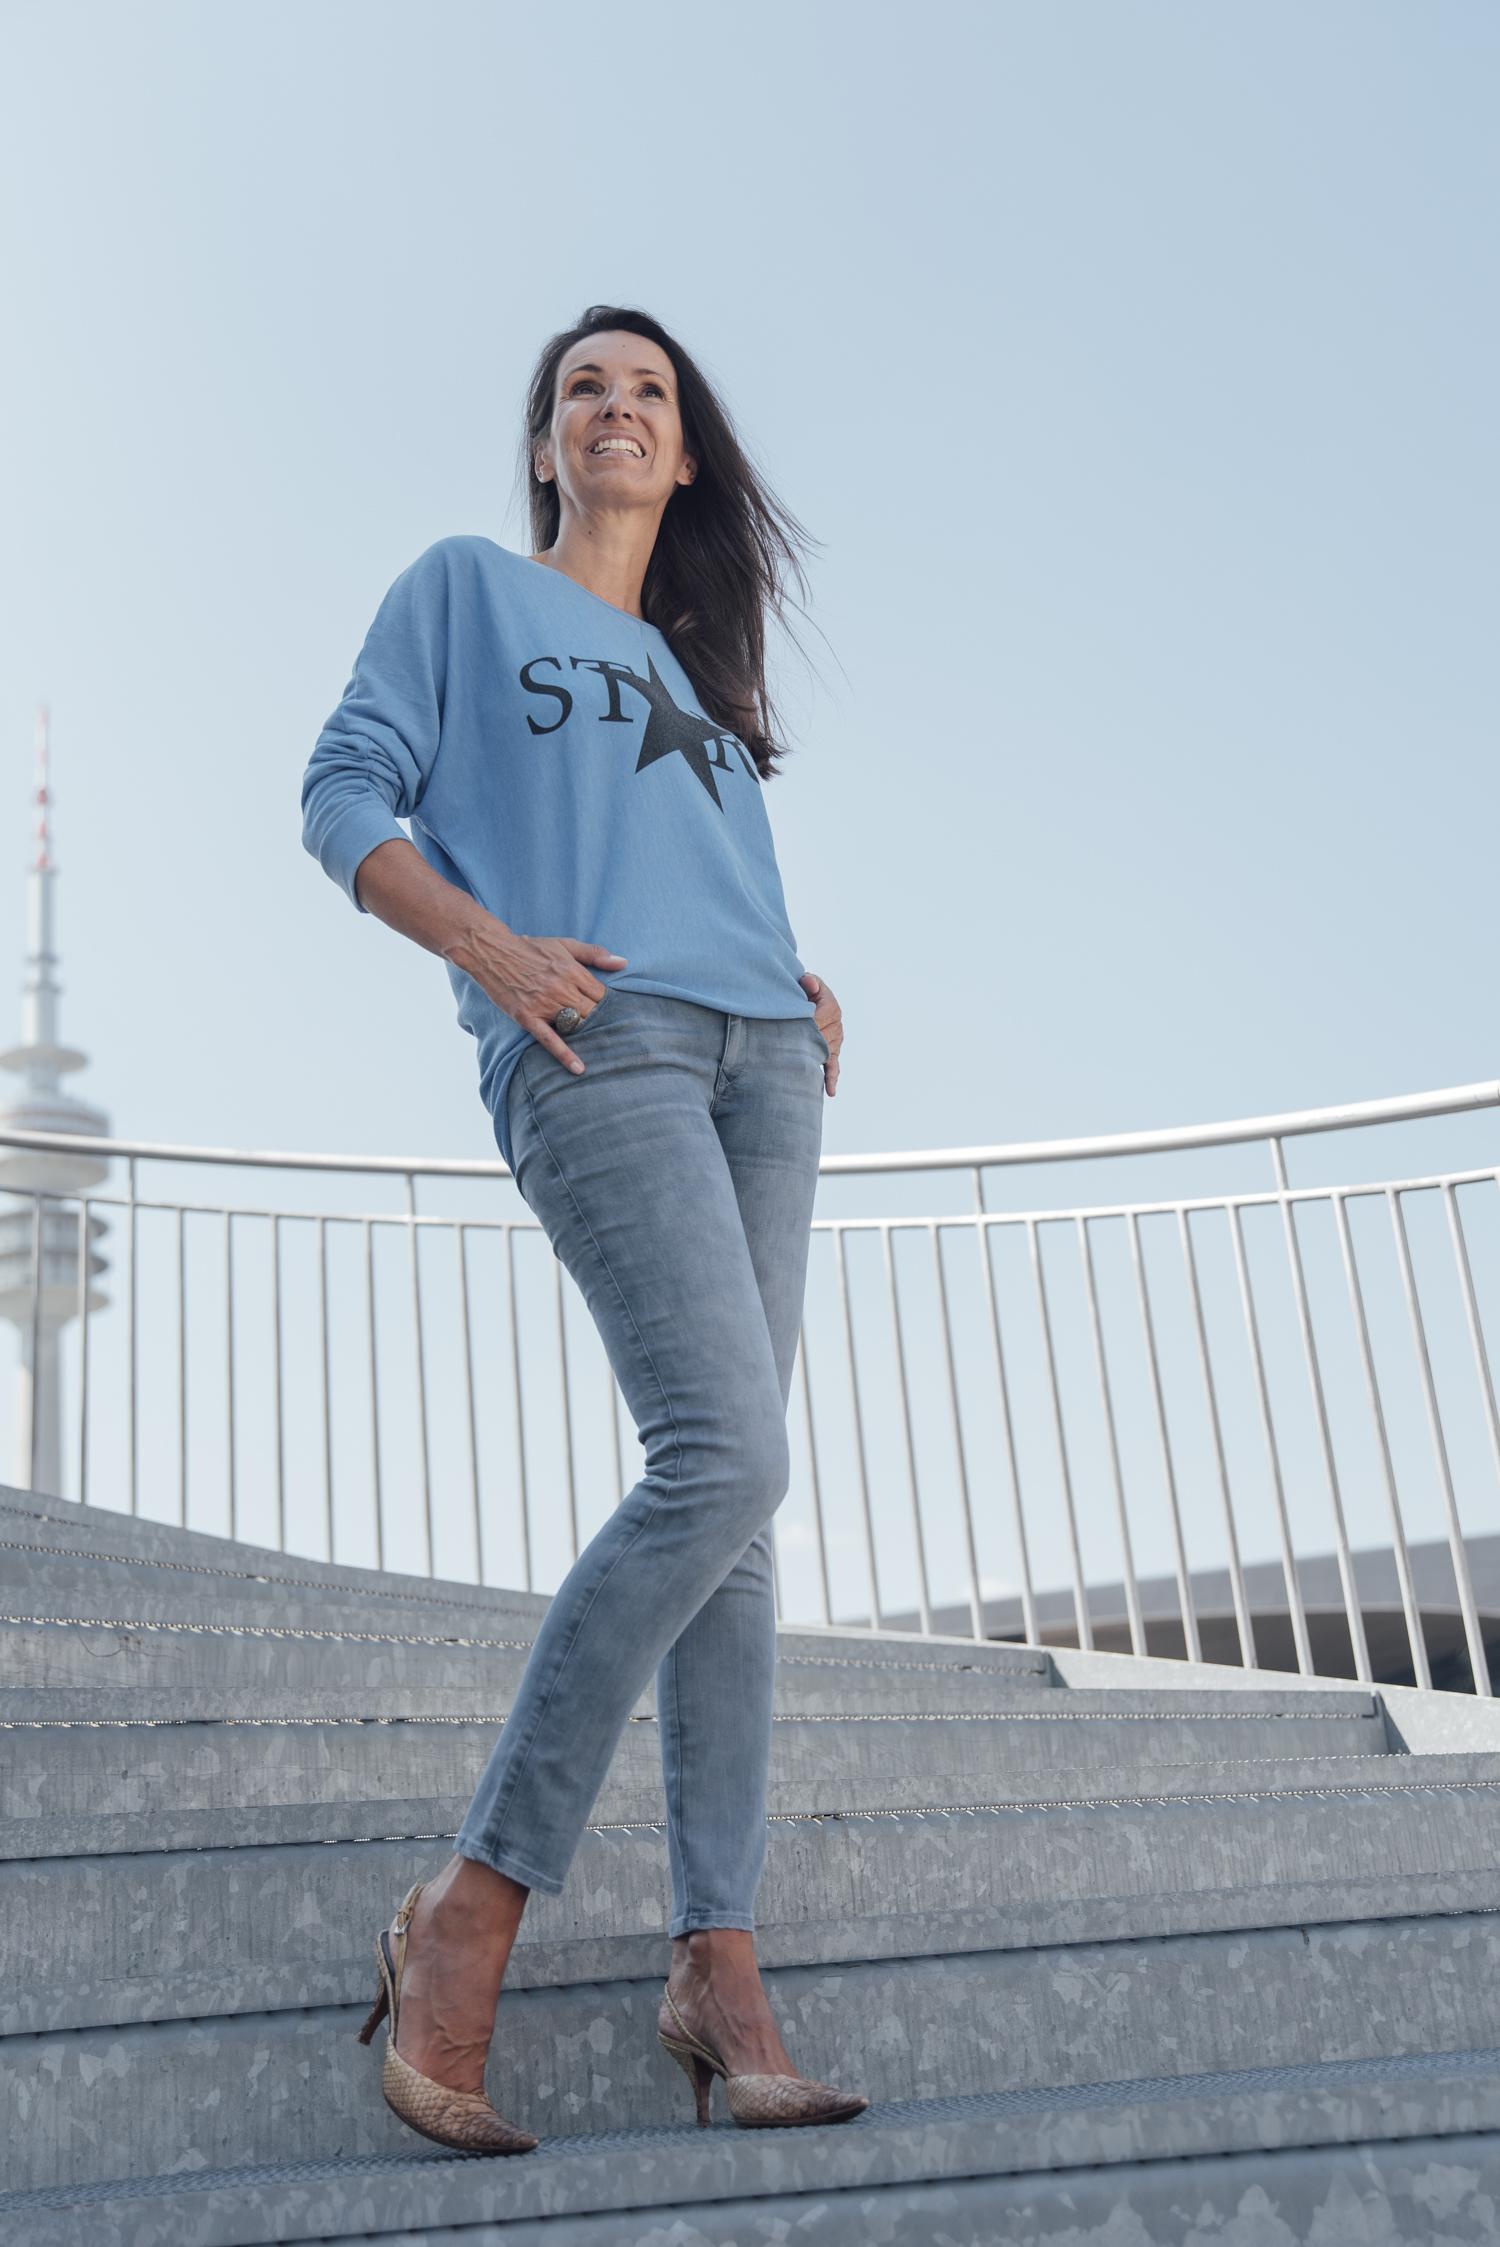 DAWN DENIN - FAIR & ORGANIC Nachhaltige Mode BeFifty Blog für Frauen über 40 und über 50 Beate Finken Blog für nachhaltige Mode aus dem Bereich Fair und Organic Der Blog zu Fair & Eco Fashion, Naturkosmetik und Lifestyle